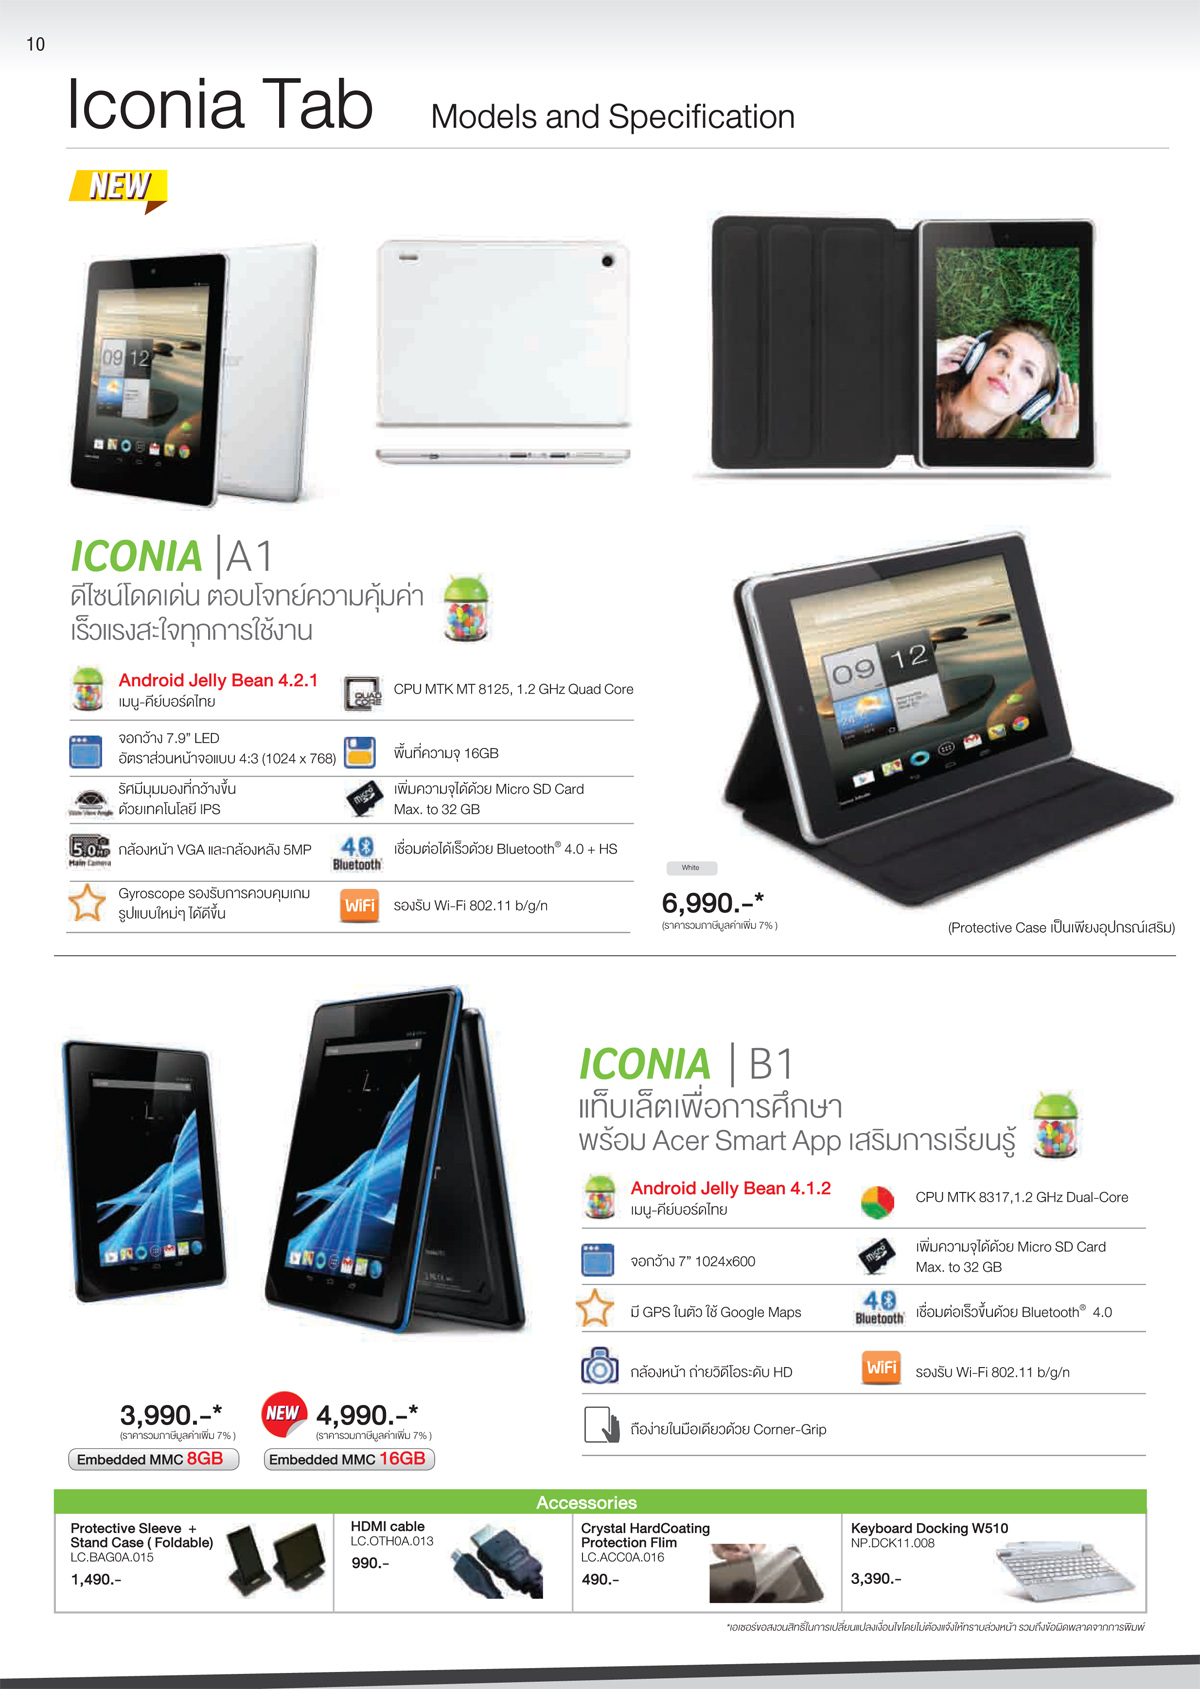 Acer4u Home July2013 12